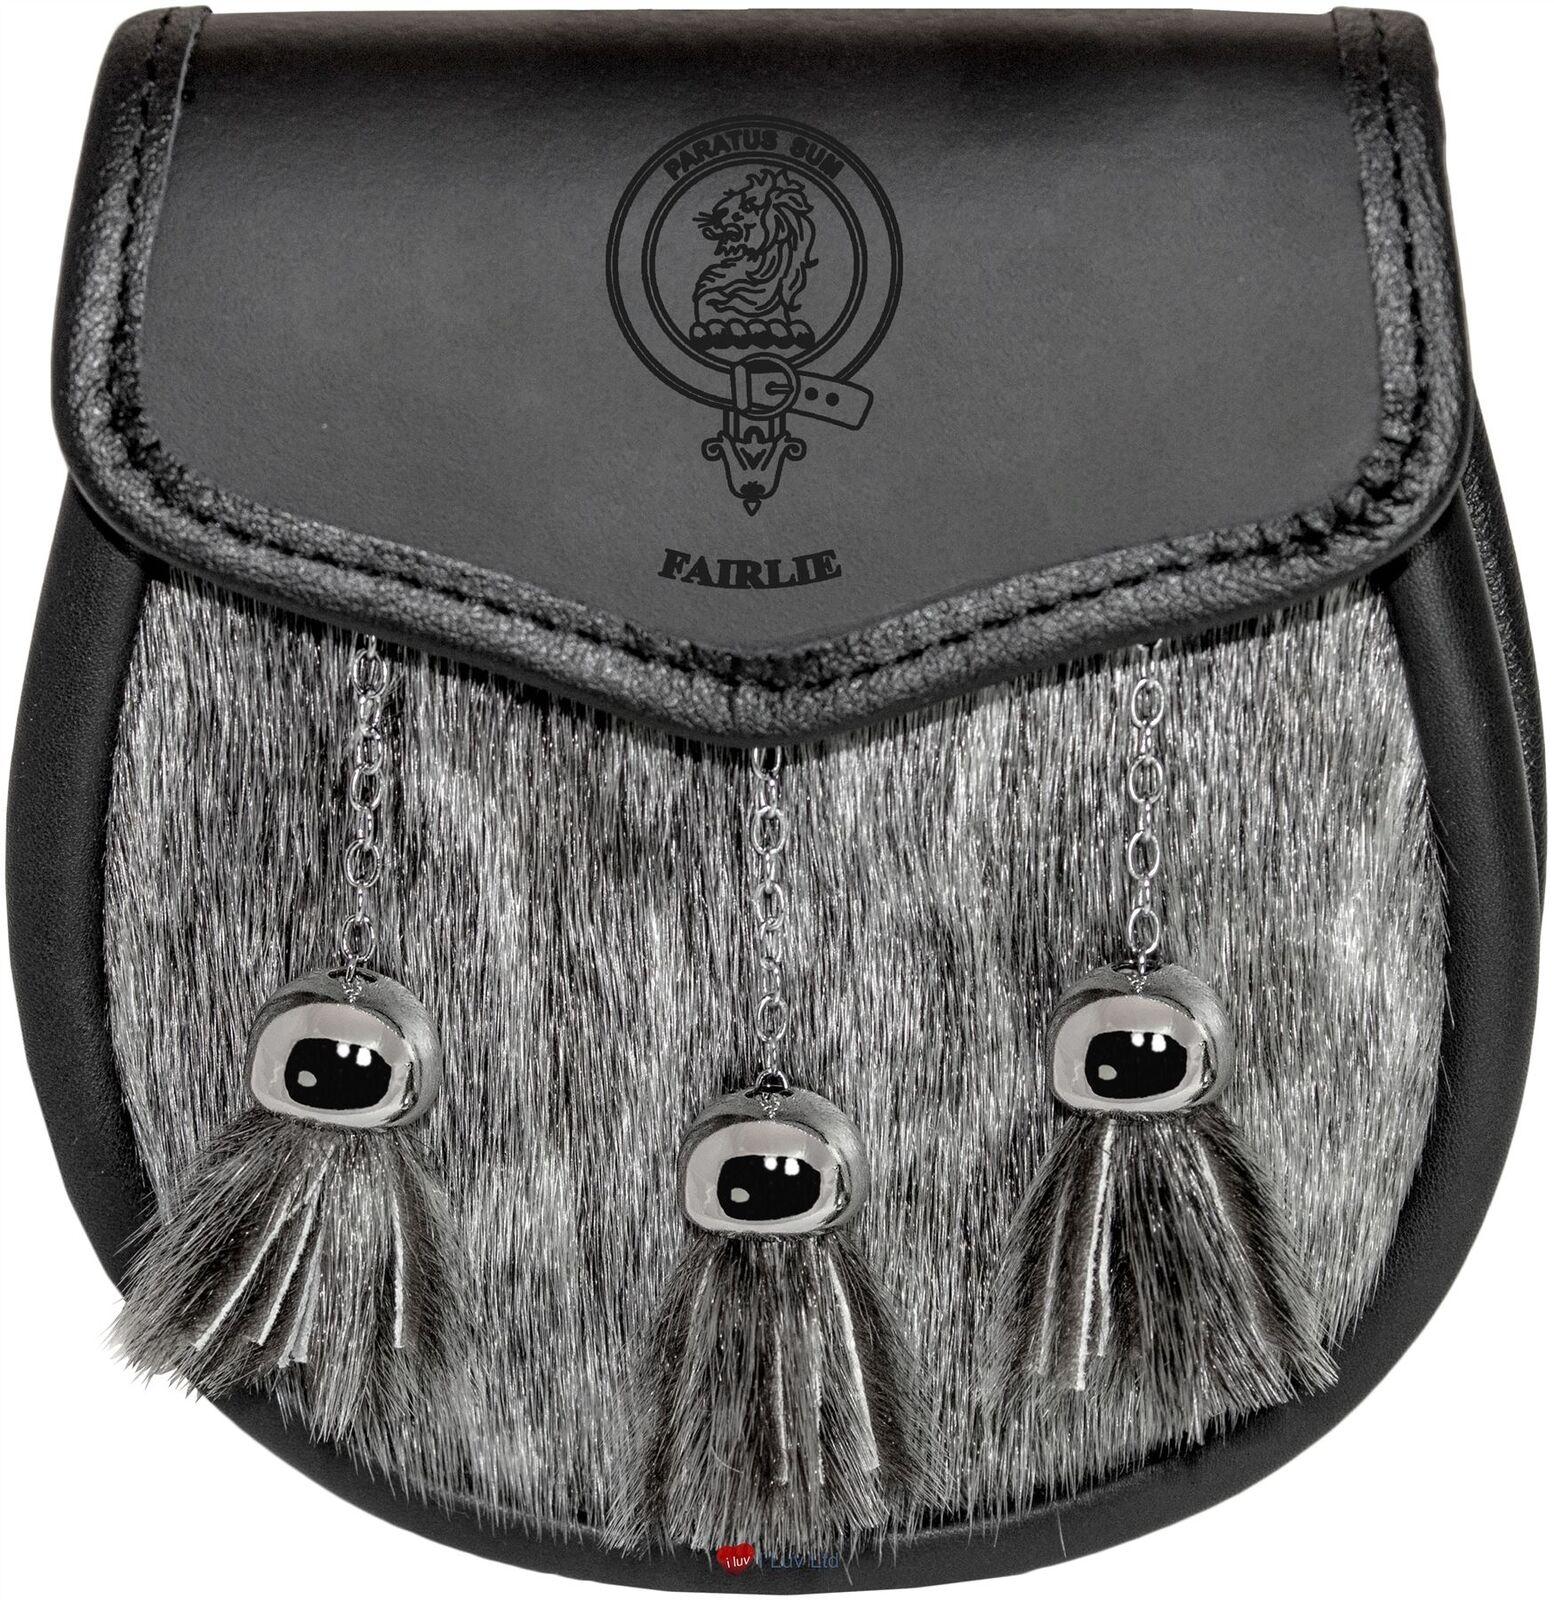 Fairlie Semi Dress Sporran Fur Plain Leather Flap Scottish Clan Crest